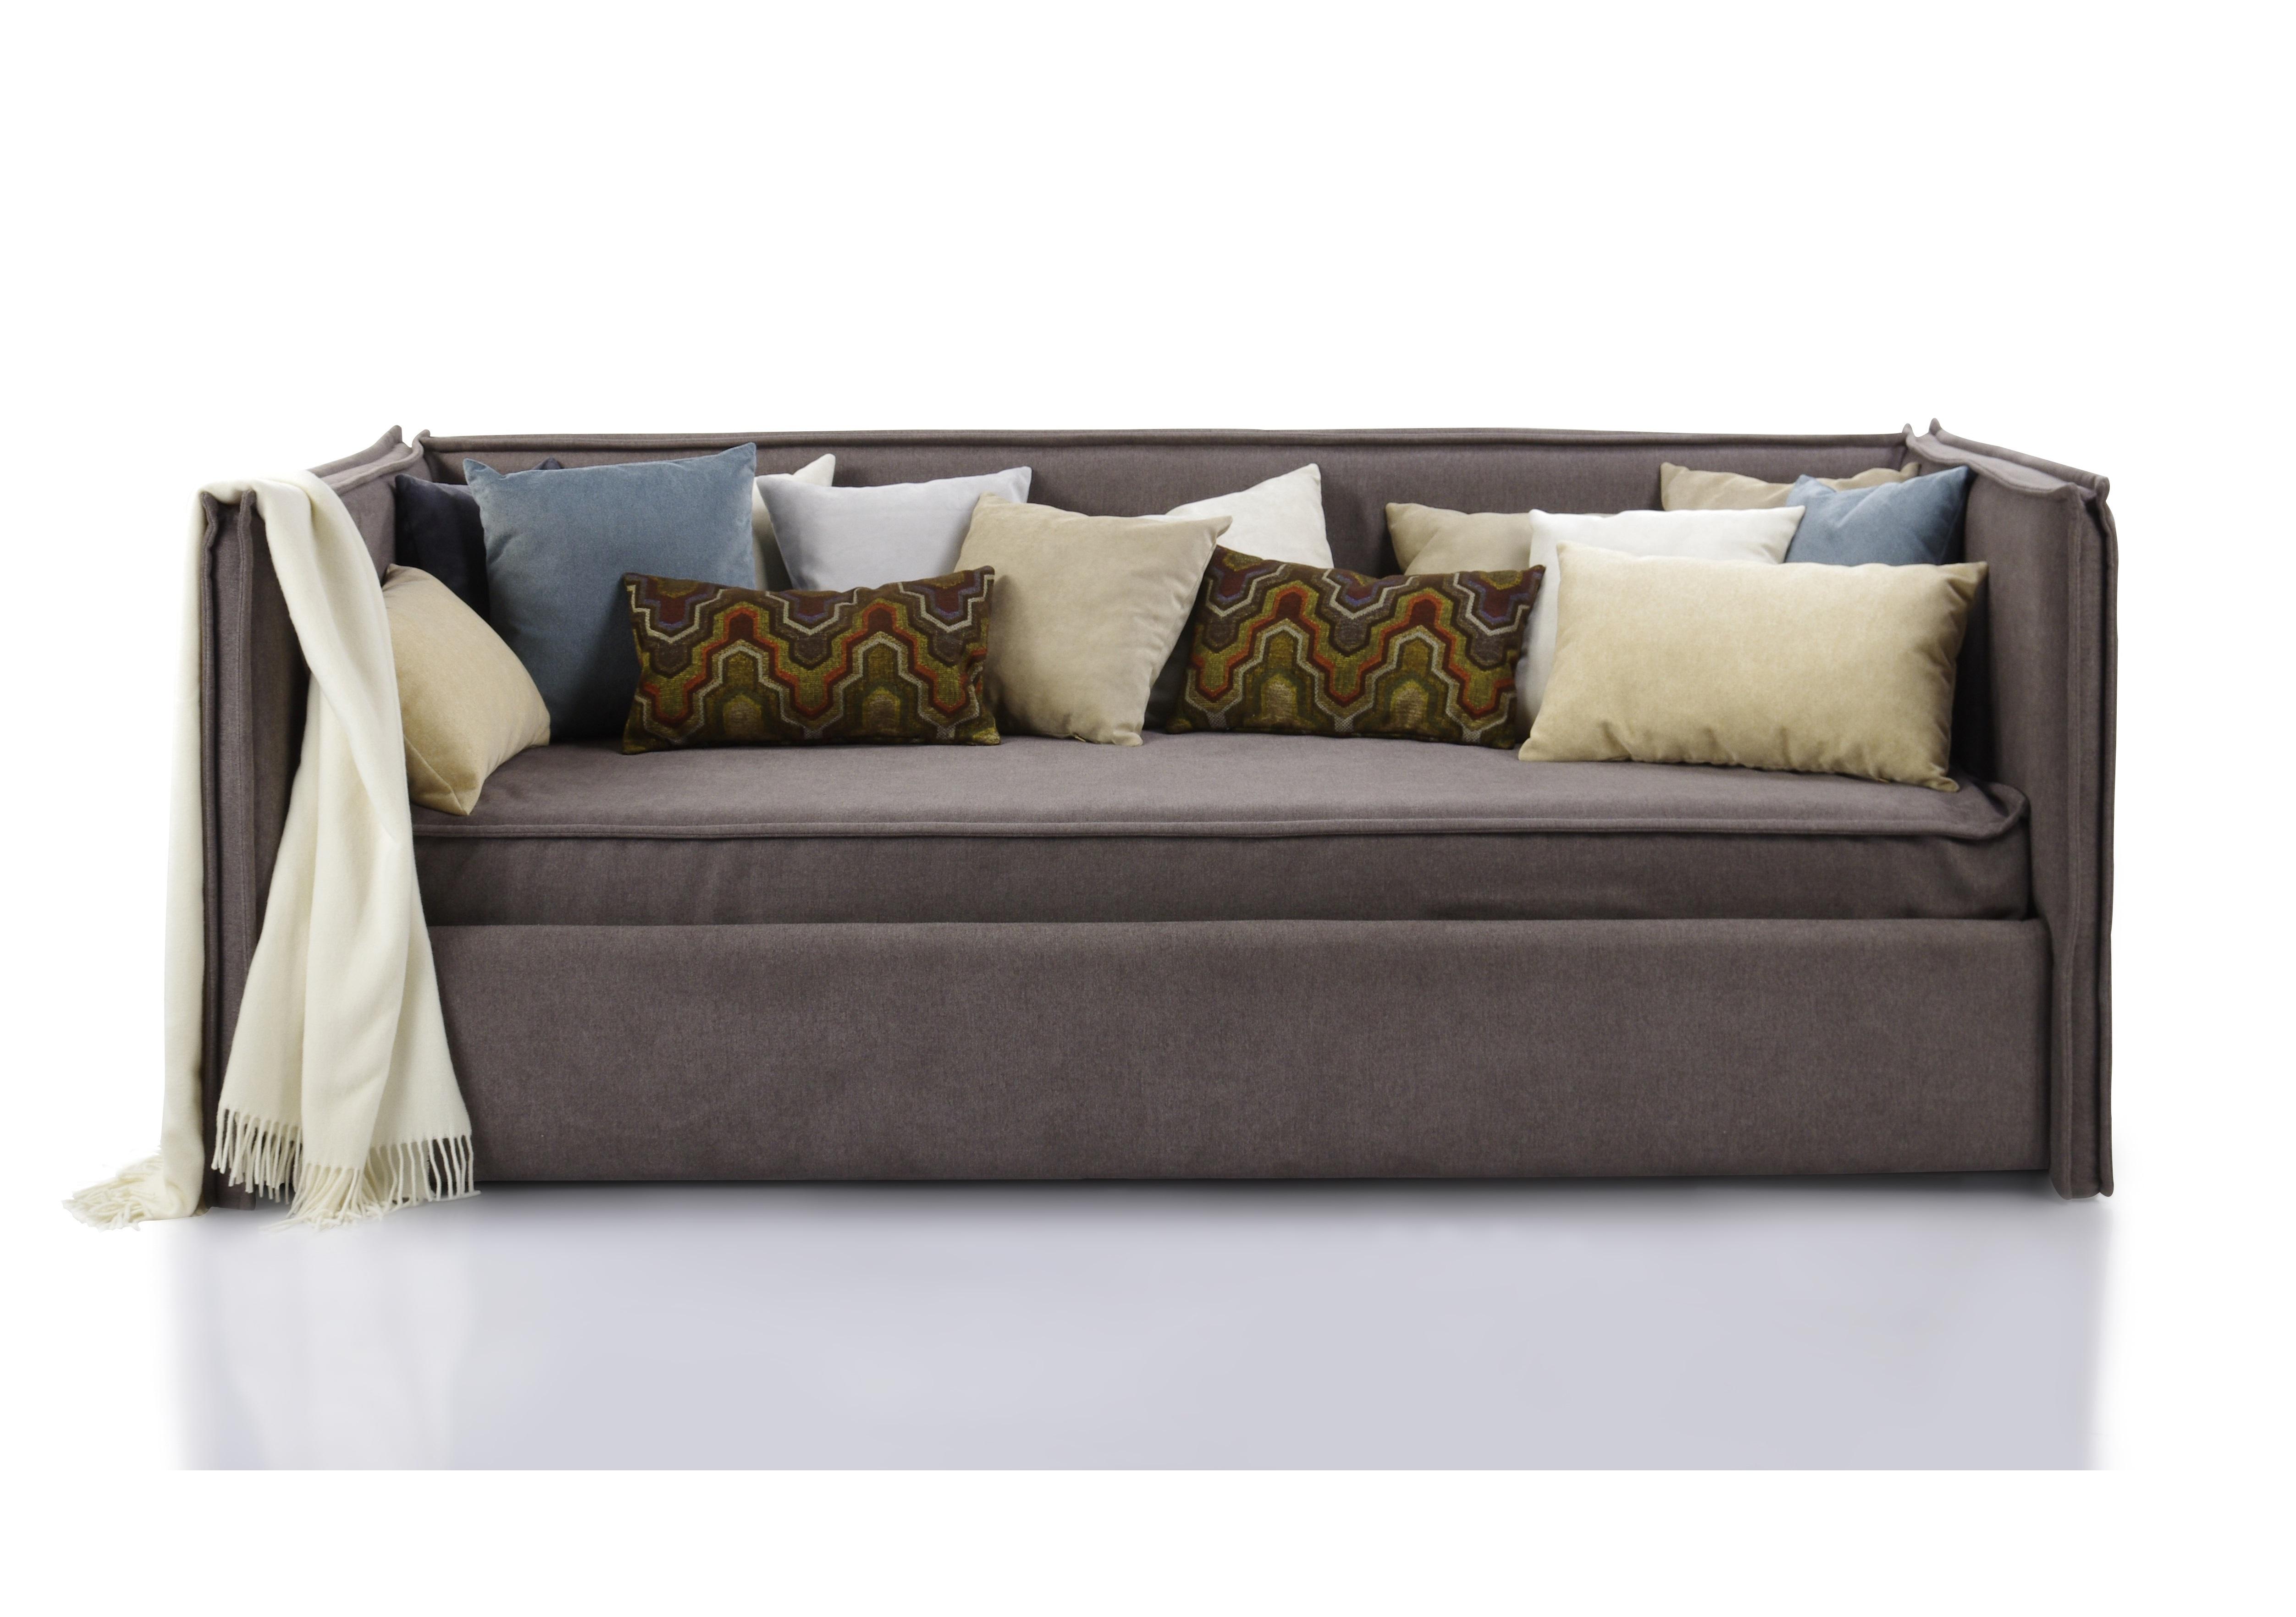 Кровать-диван SoloПрямые раскладные диваны<br>Кровать-диван  «Solo».                                                                                                                                                                                                                                                                                                                                                                                                                                                                                                    Штатный размер посадочного и спального места 200х120<br>Ортопедическое основание  входит в комплект <br>Ортопедический матрас в комплекте.<br>Декоративные подушки входят в комплект поставки<br>Плед в комплект не входит<br>Элемент дизайна: отличается современным дизайном и высокой функциональностью. Он занимает мало места и способен вписаться в помещение,оформленное в любом стиле <br>Цвет коричневый ,велюр                                                                                                                                                                                                                                                                                                                                                                                                                                                                                                            Все чехлы съемные на липучках (можно чистить) .&amp;lt;div&amp;gt;Декоративные подушки и плед в стоимость не входят.&amp;lt;br&amp;gt;&amp;lt;div&amp;gt;&amp;lt;br&amp;gt;&amp;lt;/div&amp;gt;&amp;lt;div&amp;gt;Опции:&amp;amp;nbsp;&amp;lt;/div&amp;gt;&amp;lt;div&amp;gt;Варианты спальных мест&amp;amp;nbsp;&amp;lt;/div&amp;gt;&amp;lt;div&amp;gt;200x90&amp;amp;nbsp;&amp;lt;/div&amp;gt;&amp;lt;div&amp;gt;190х90&amp;amp;nbsp;&amp;lt;/div&amp;gt;&amp;lt;div&amp;gt;200x100&amp;amp;nbsp;&amp;lt;/div&amp;gt;&amp;lt;div&amp;gt;190x100&amp;amp;nbsp;&amp;